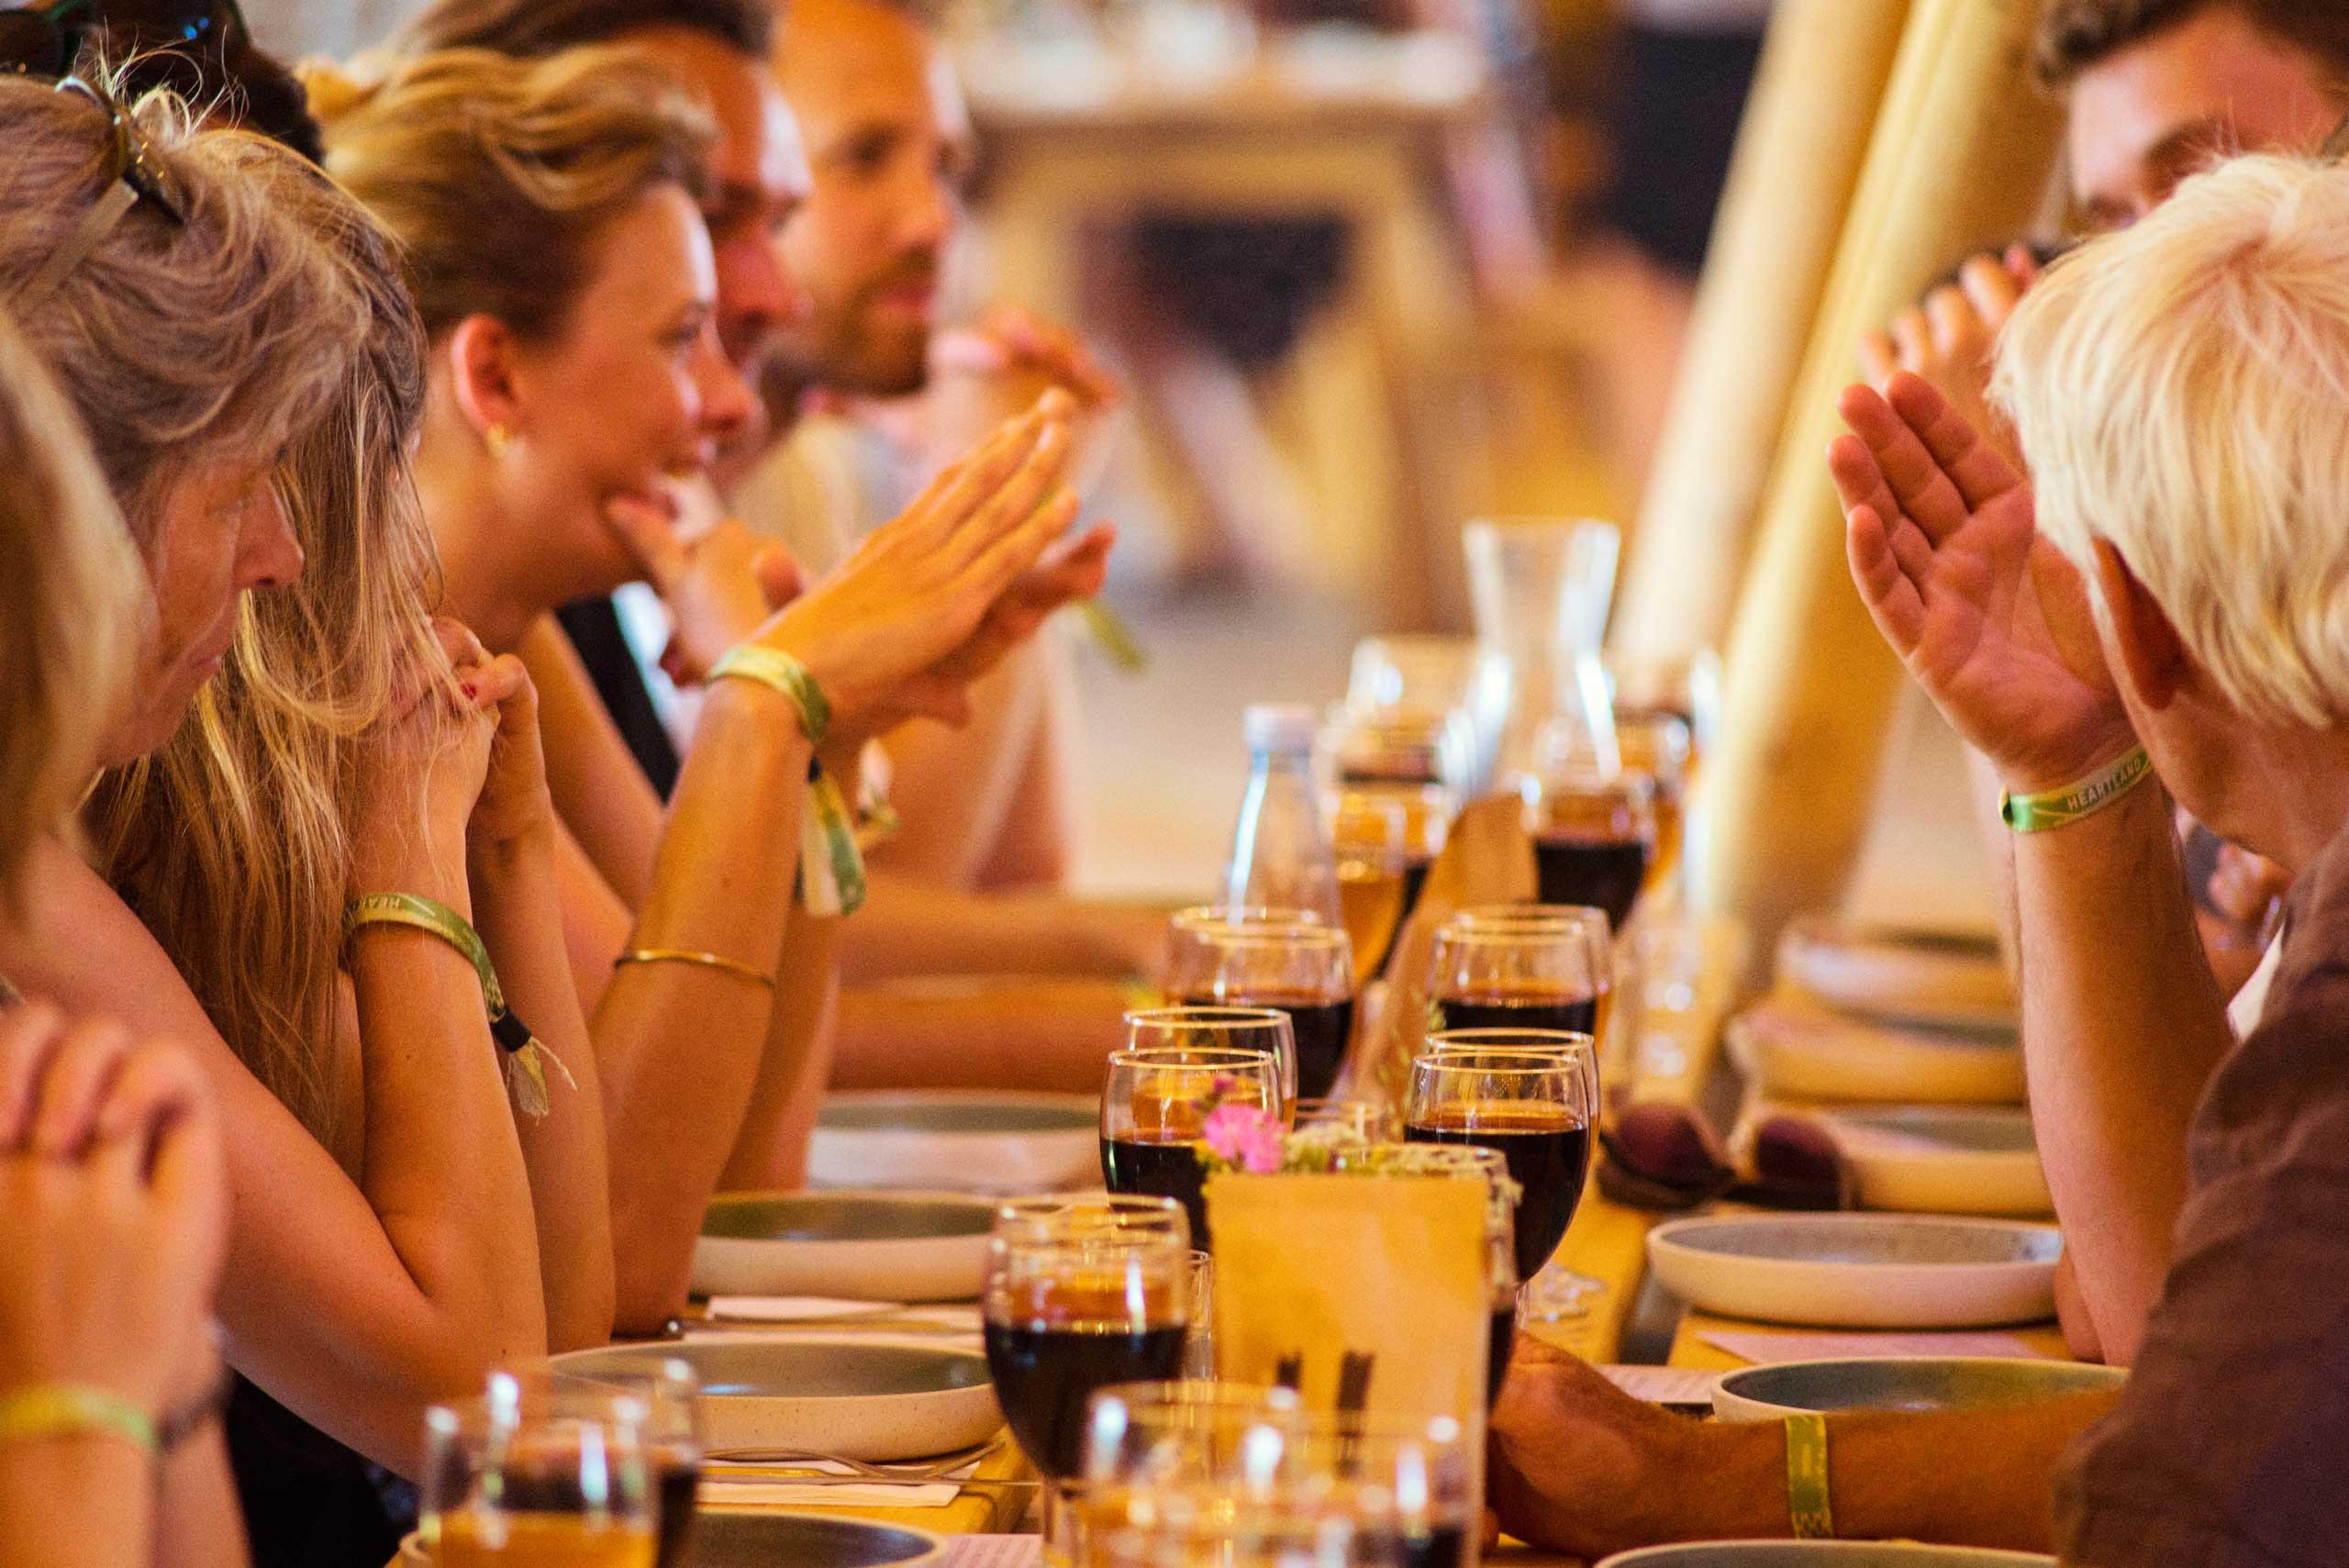 Økologisk mad og vin fra jord til bord hos os eller som catering til konfirmation, barnedåb og meget mere fra Puglisi Events. Billede af: Niklas Vindelev.